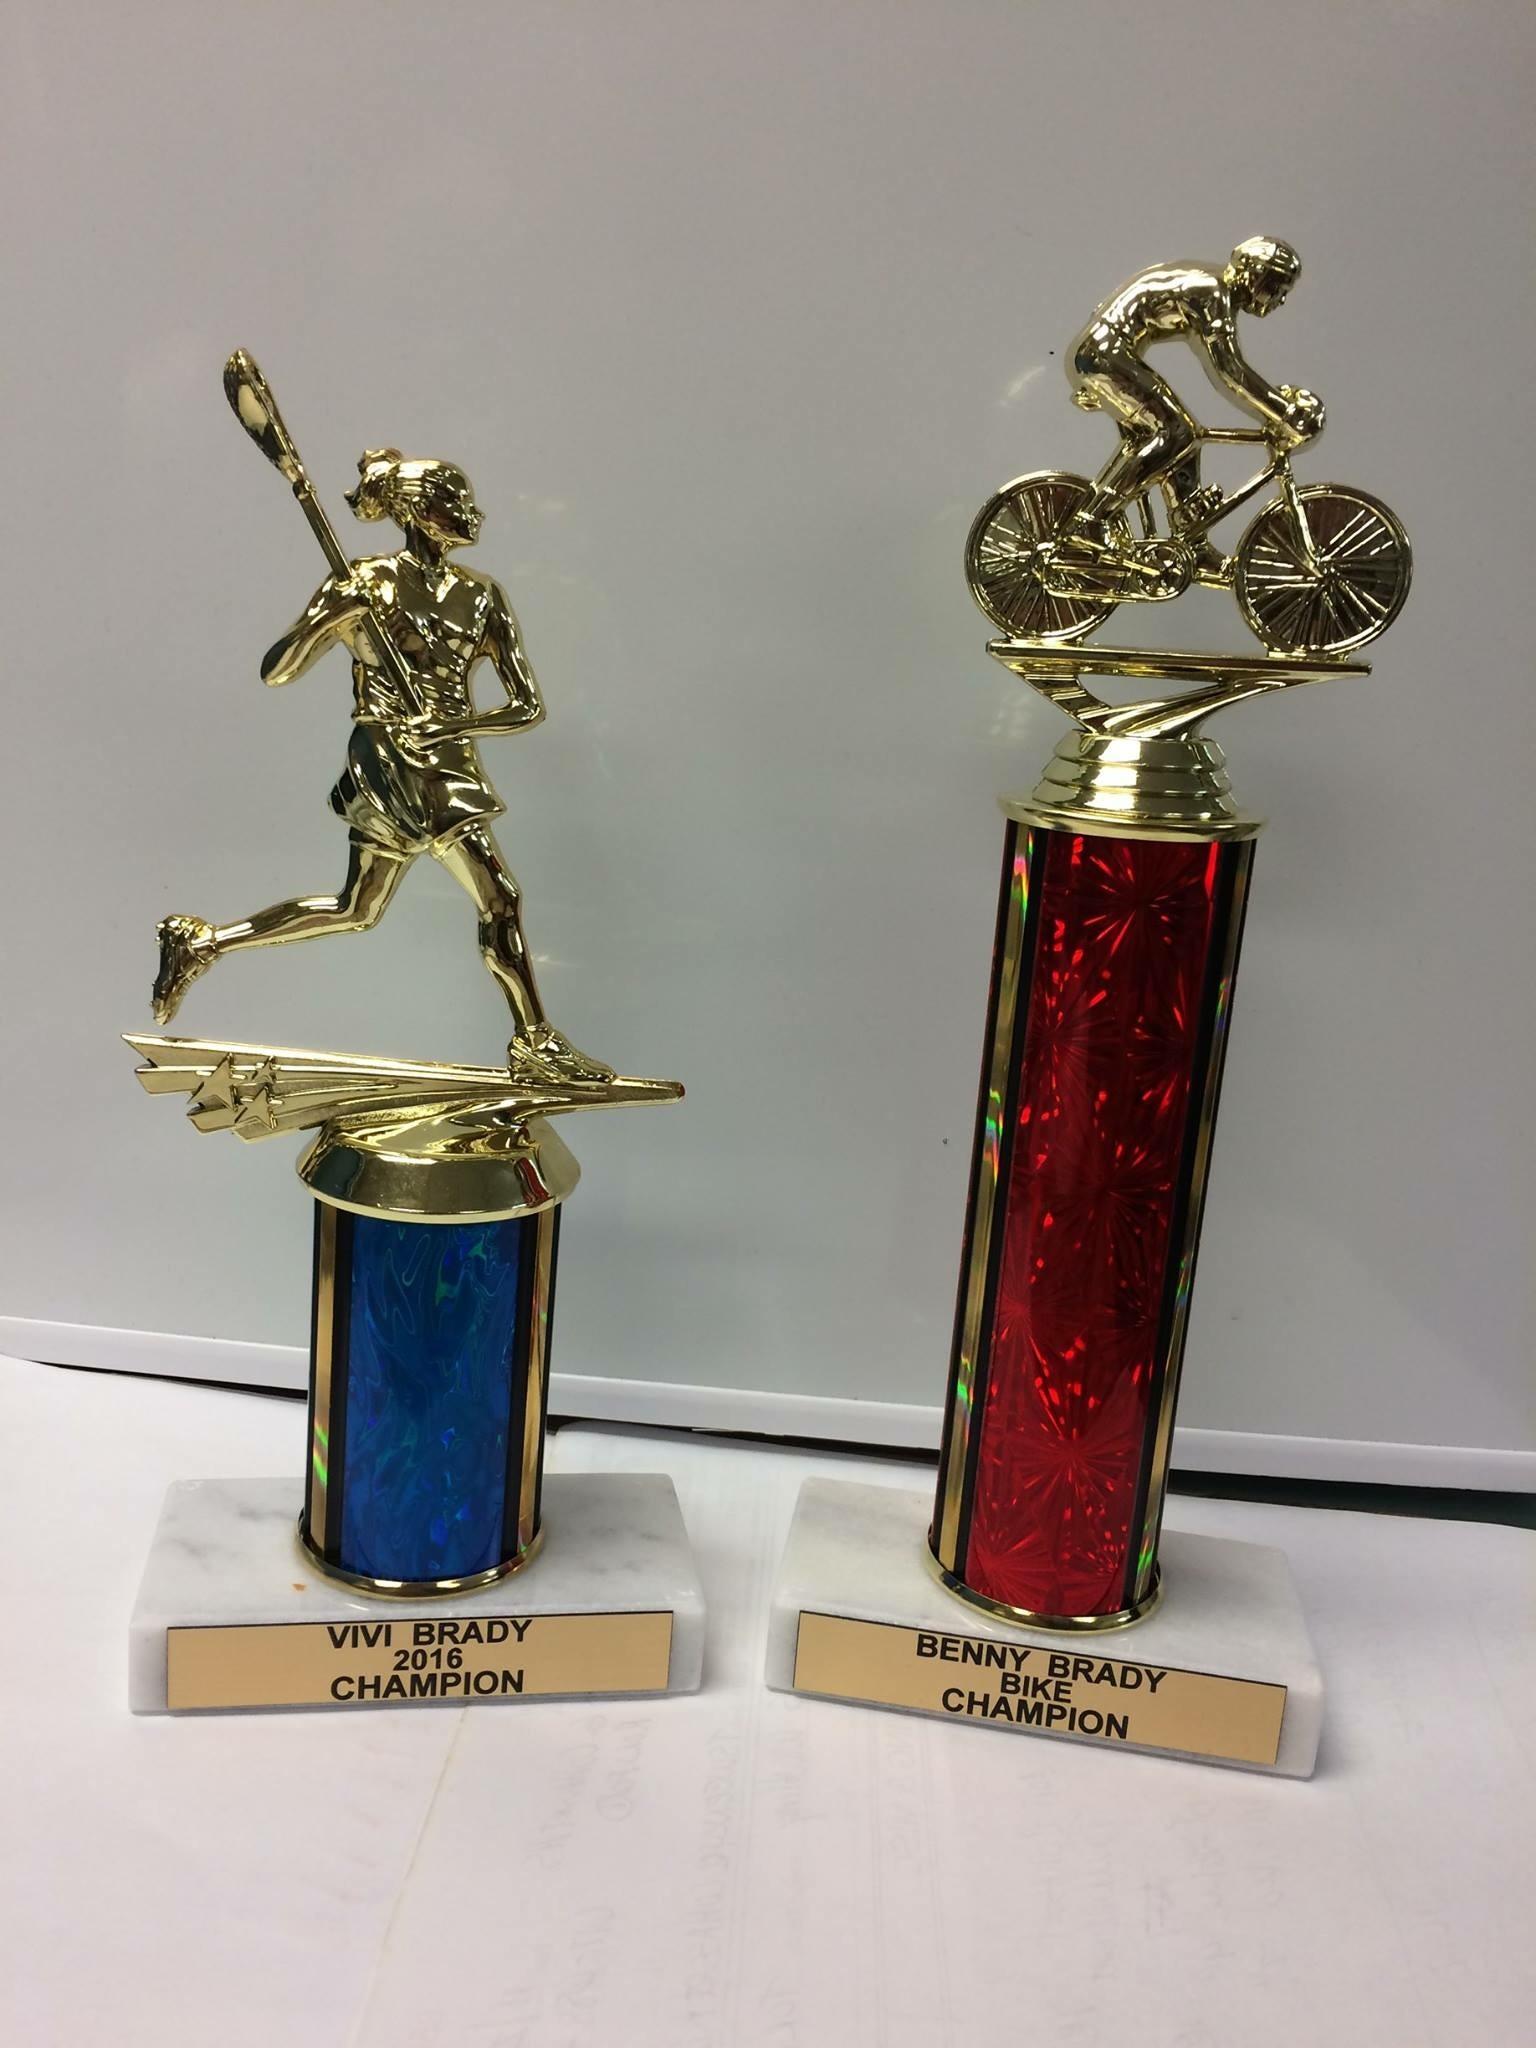 Trophies for Tom Brady!